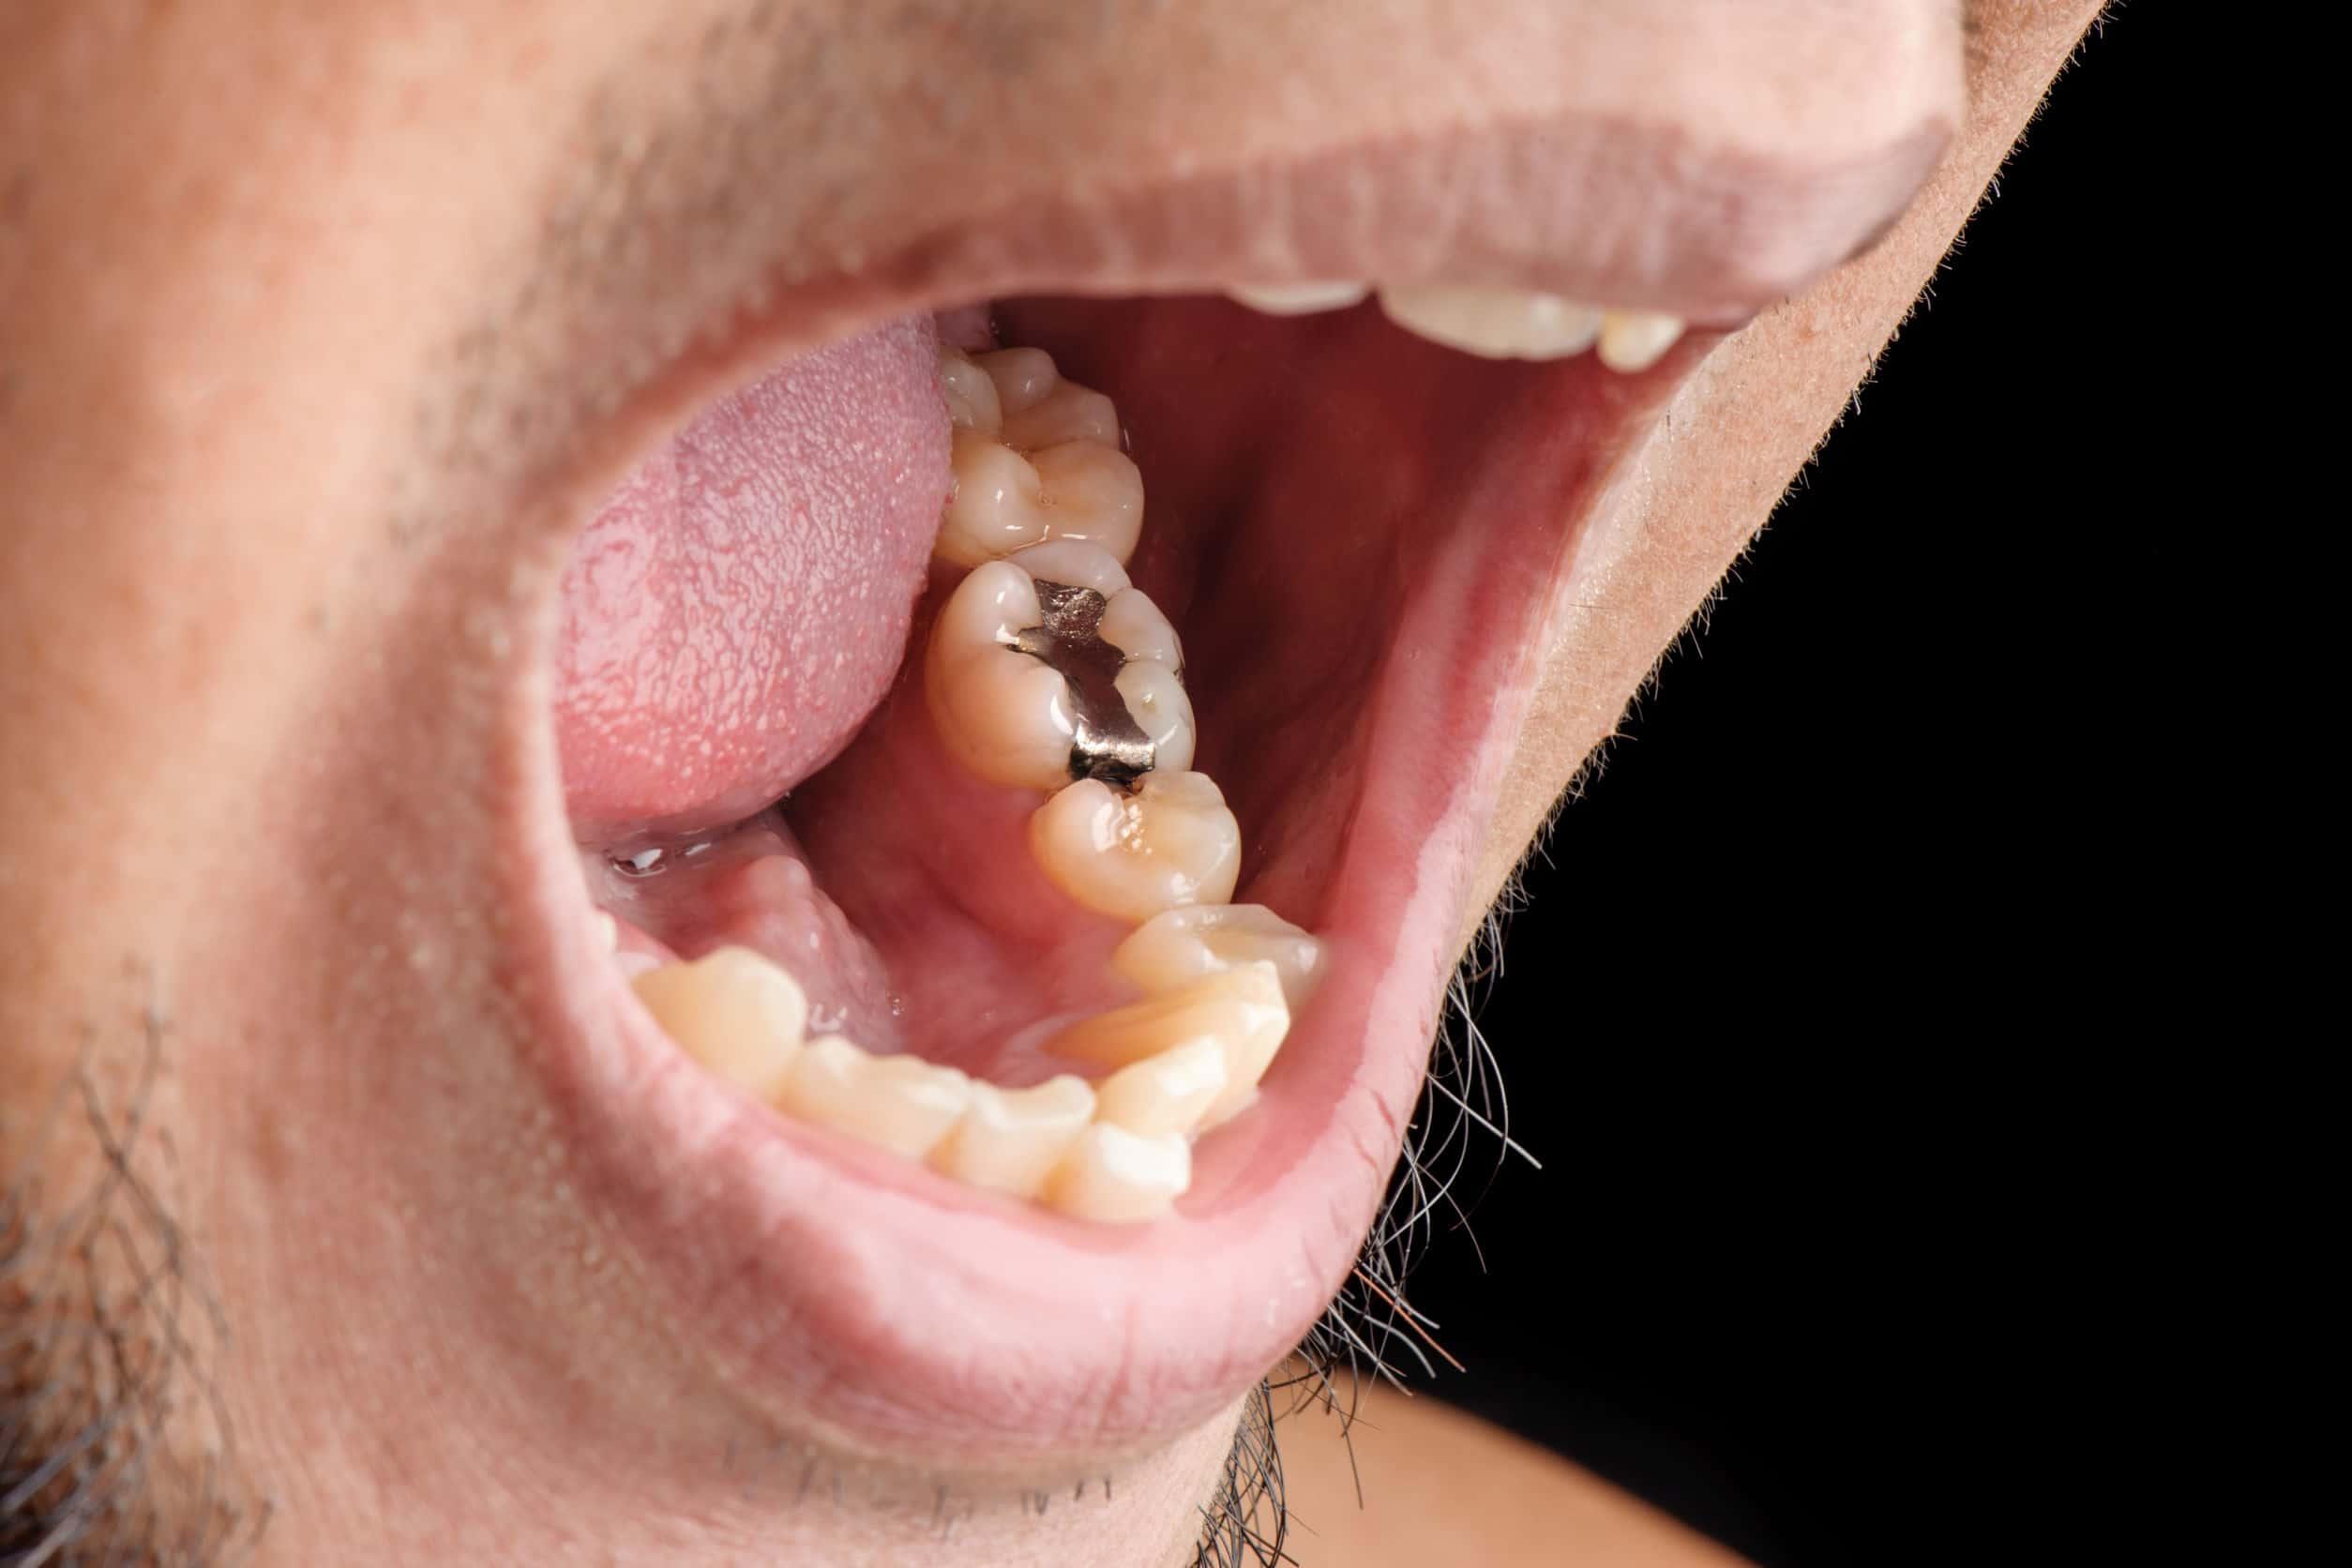 Funciones de un empaste dental